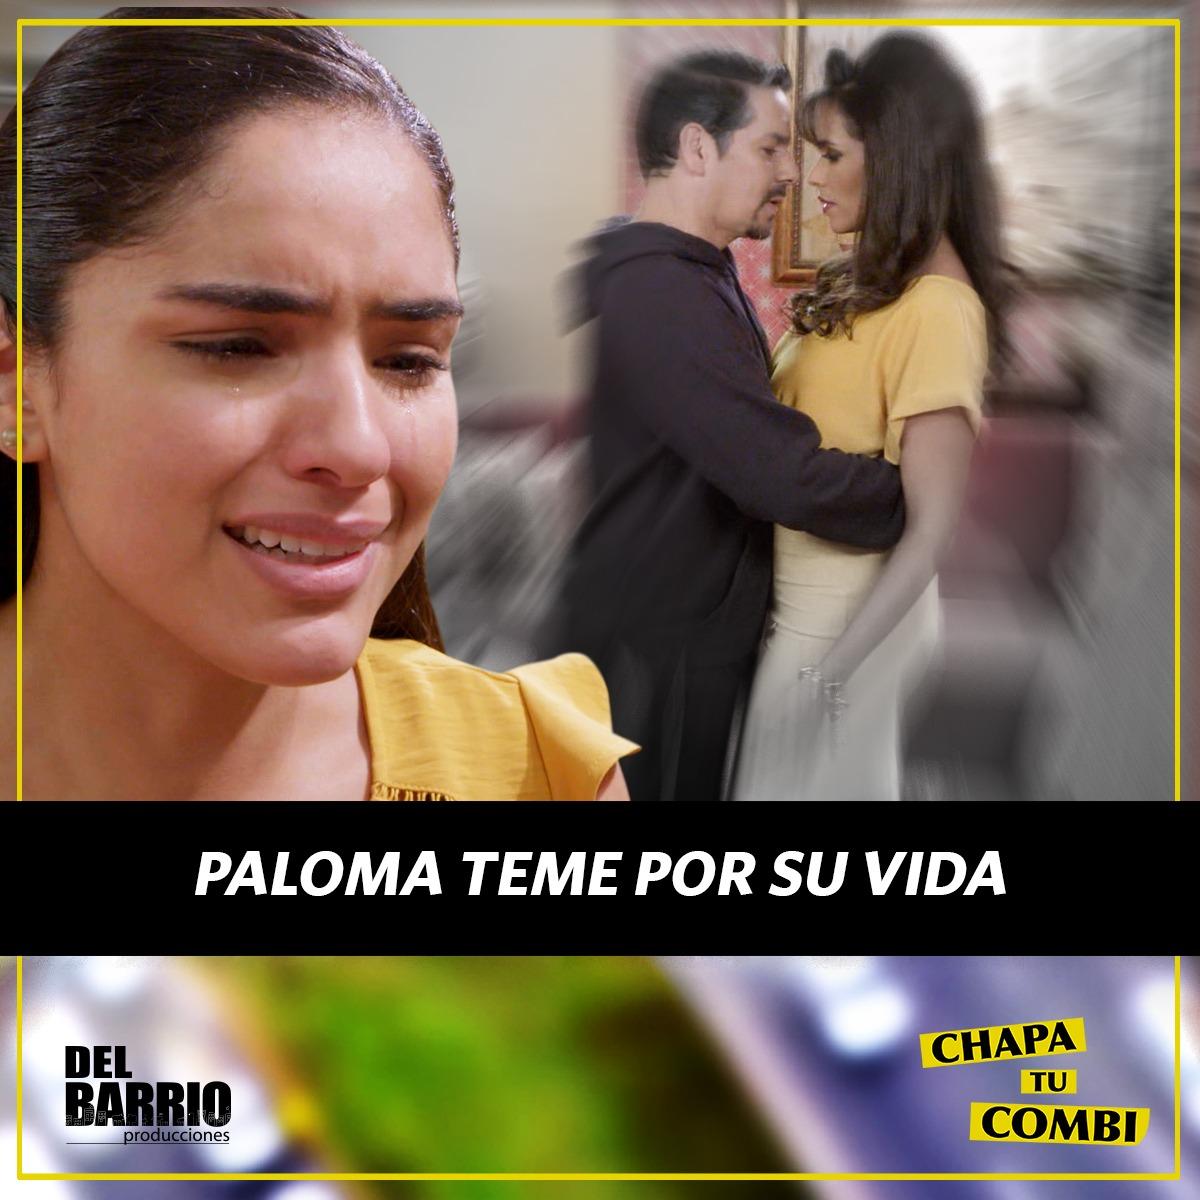 ¡IRÁN POR ELLA! Paloma estará aterrada por lo que puedan hacerle Javiera y Salomón #Chapatucombipic.twitter.com/PvKuPME2s5